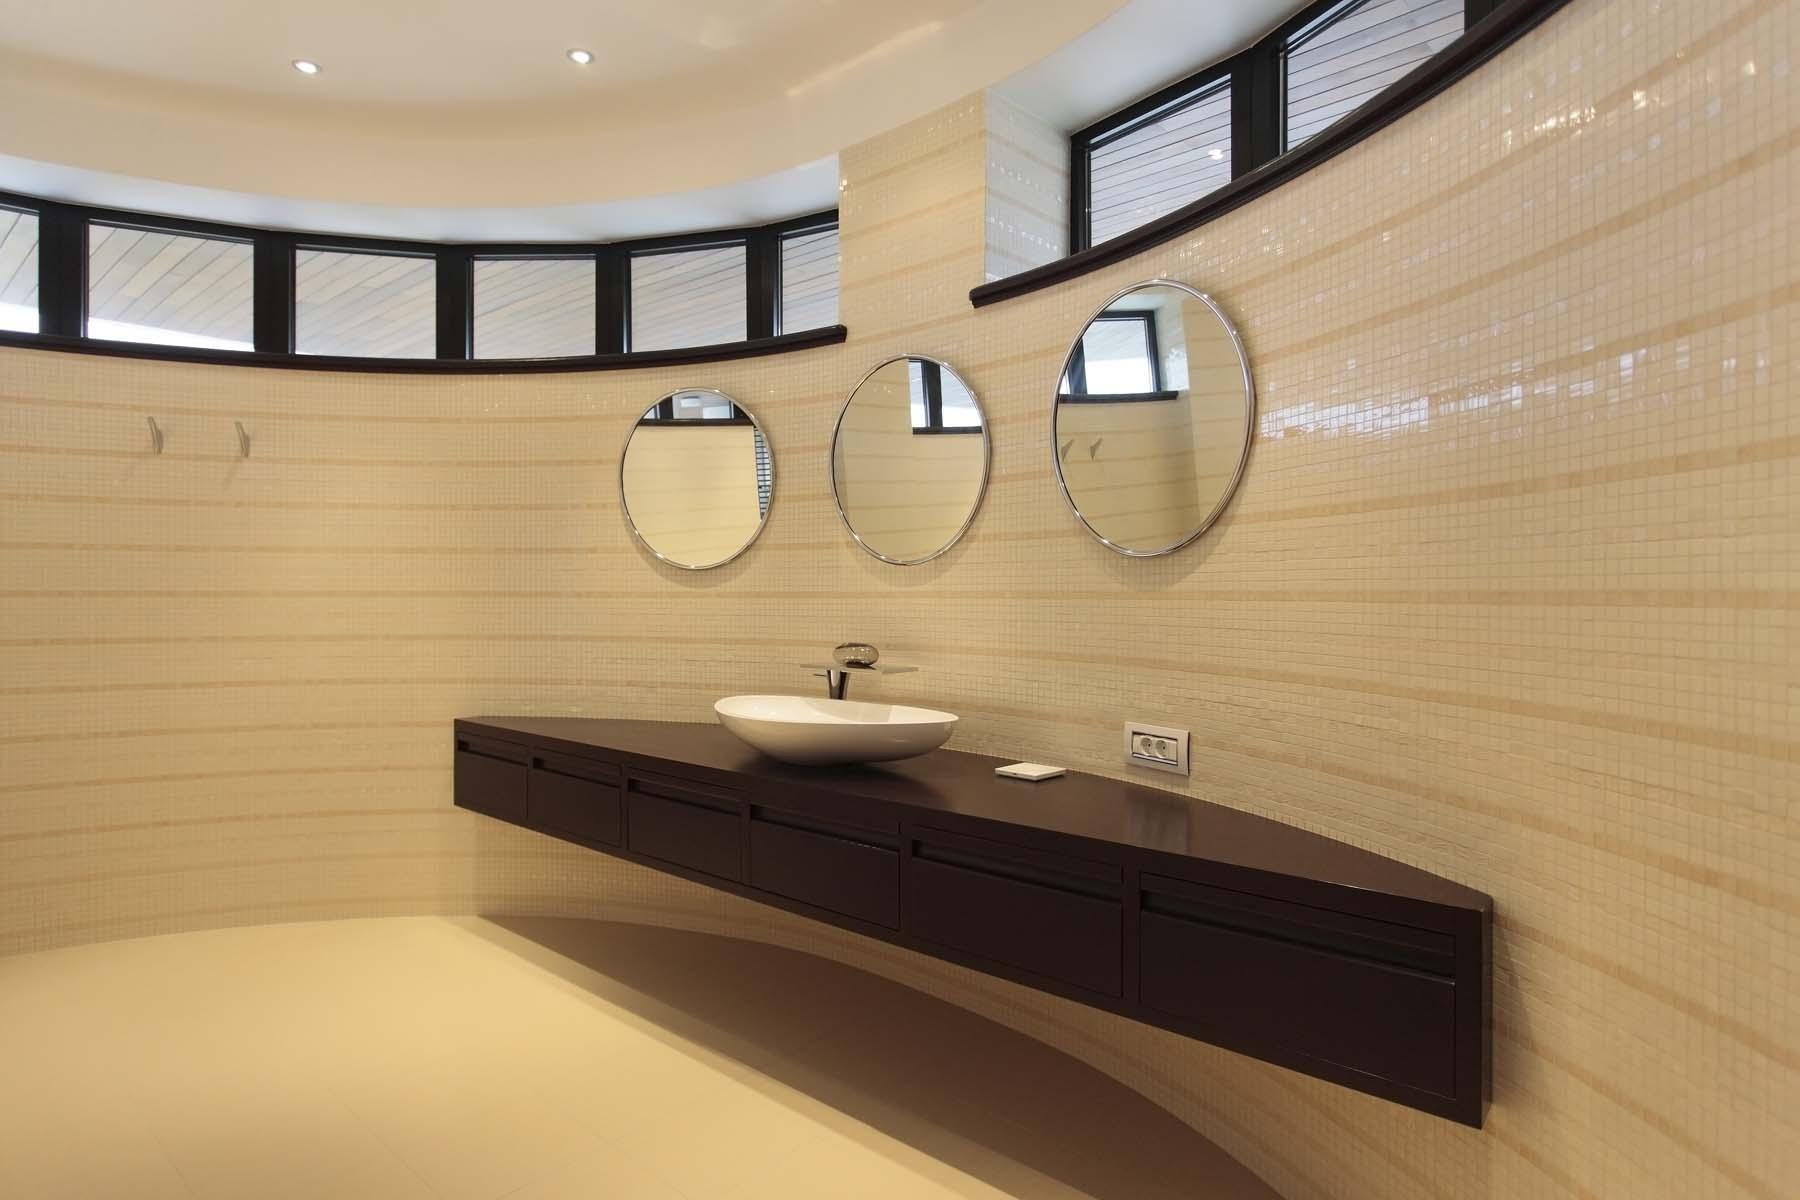 https://nbc-arhitect.ro/wp-content/uploads/2020/11/NBC-Arhitect-_-interior-design-_-Tudor-House-Interior-_-Romania_10.jpg